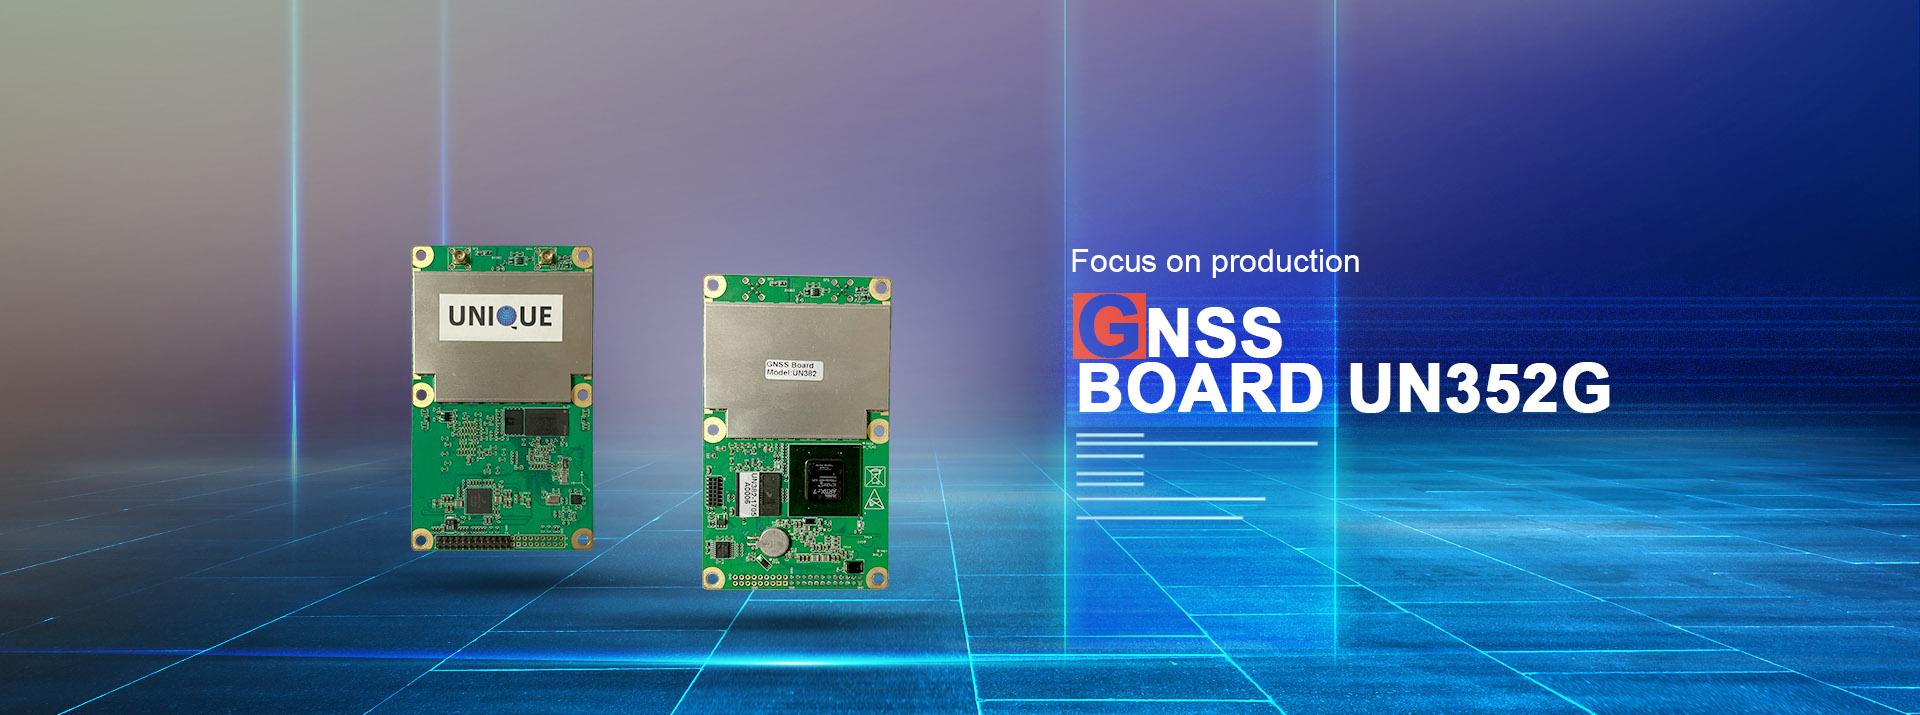 GNSS Conselho UN352G